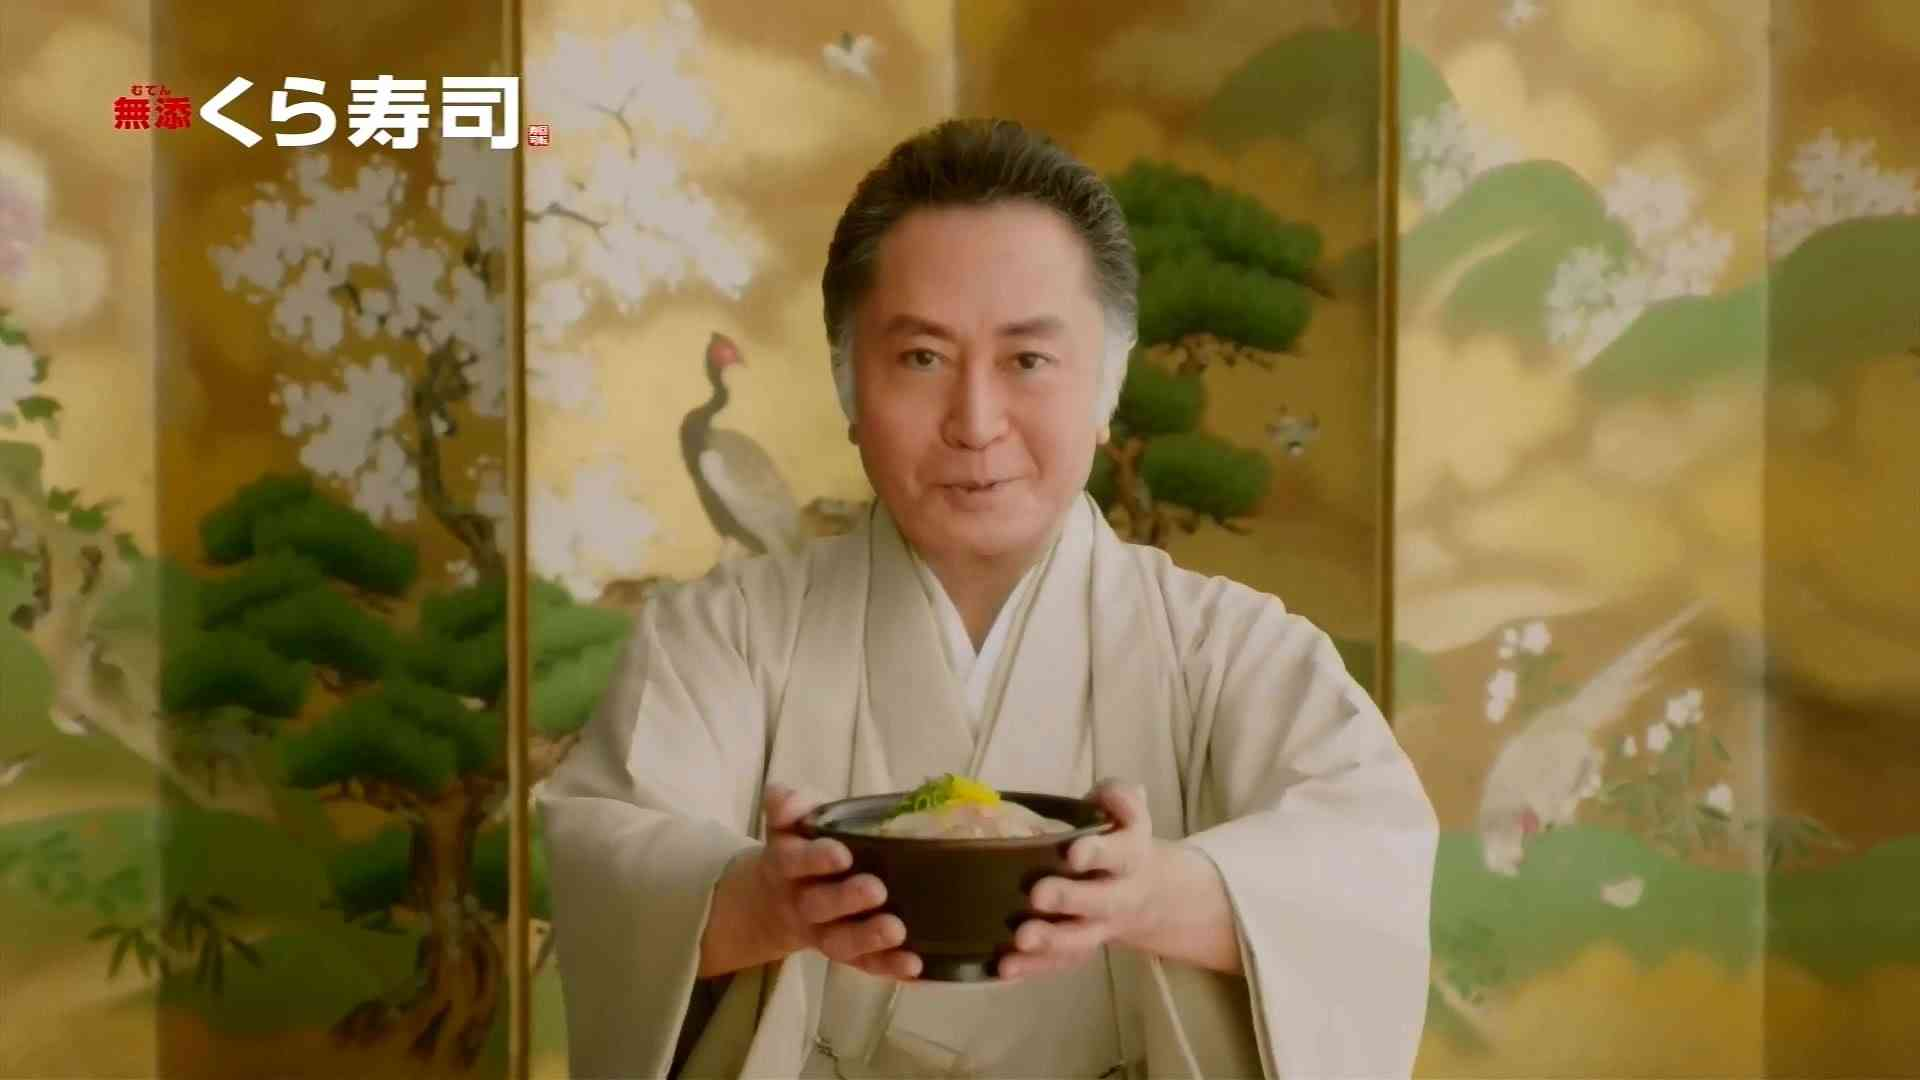 CM くら寿司 究極の一杯。「赤鶏ゆずうどん」北大路欣也 - YouTube